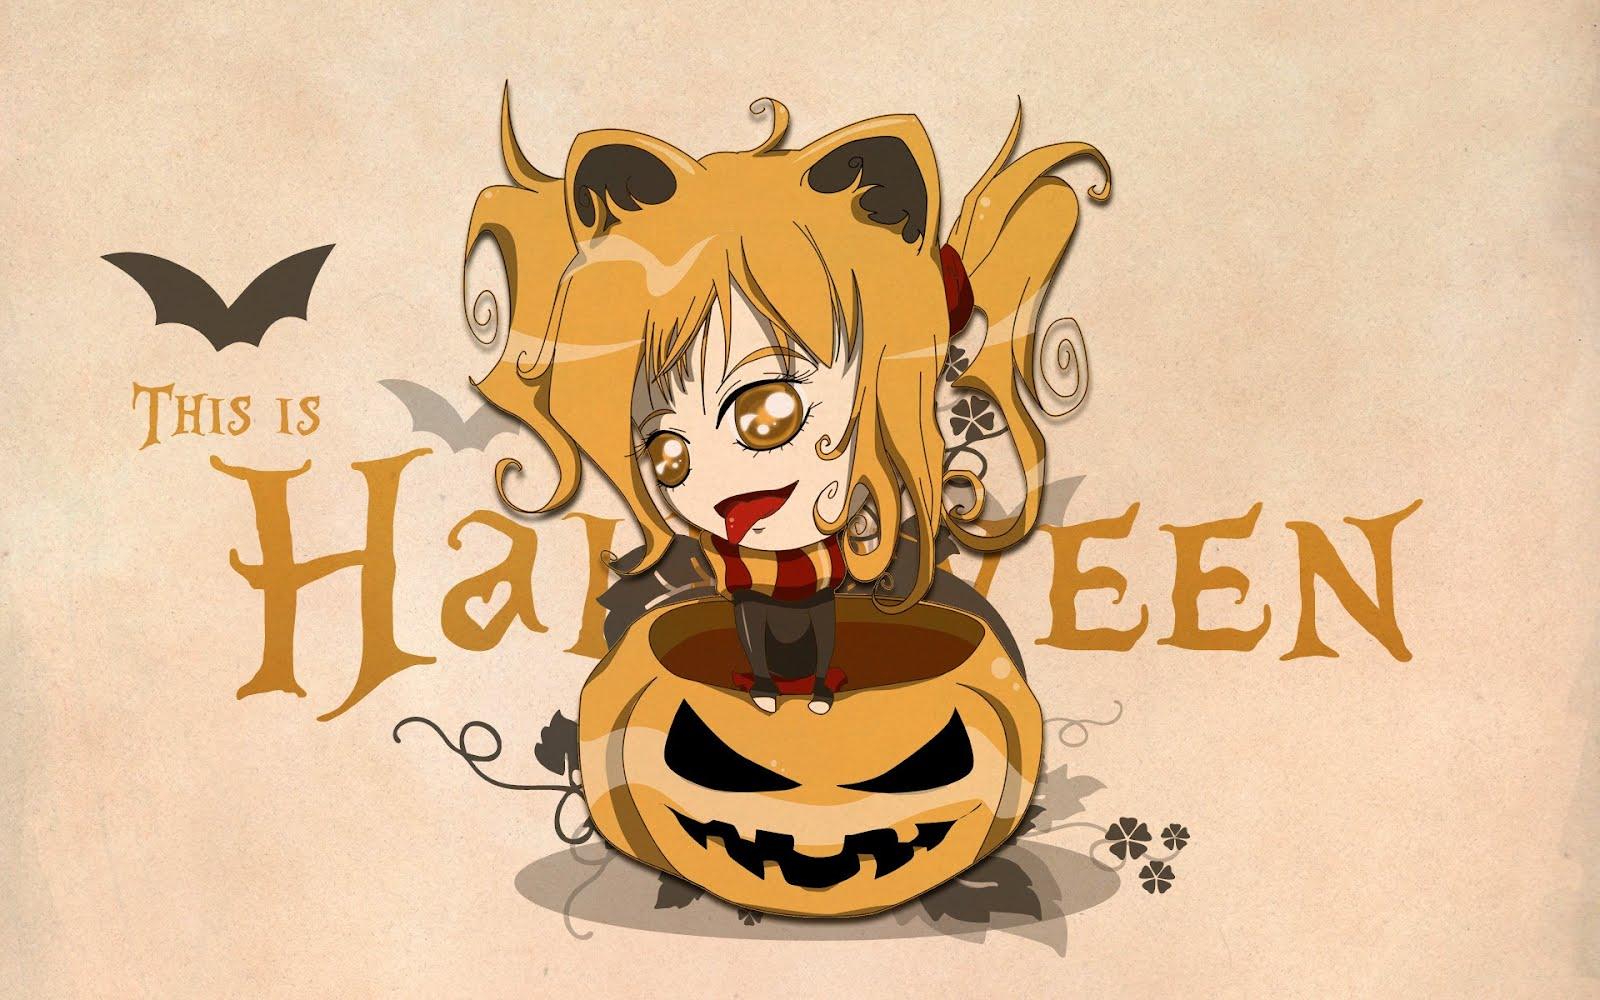 Cartoon halloween wallpaper 2012 so funny wallpaper for holiday - Funny happy halloween wallpaper ...